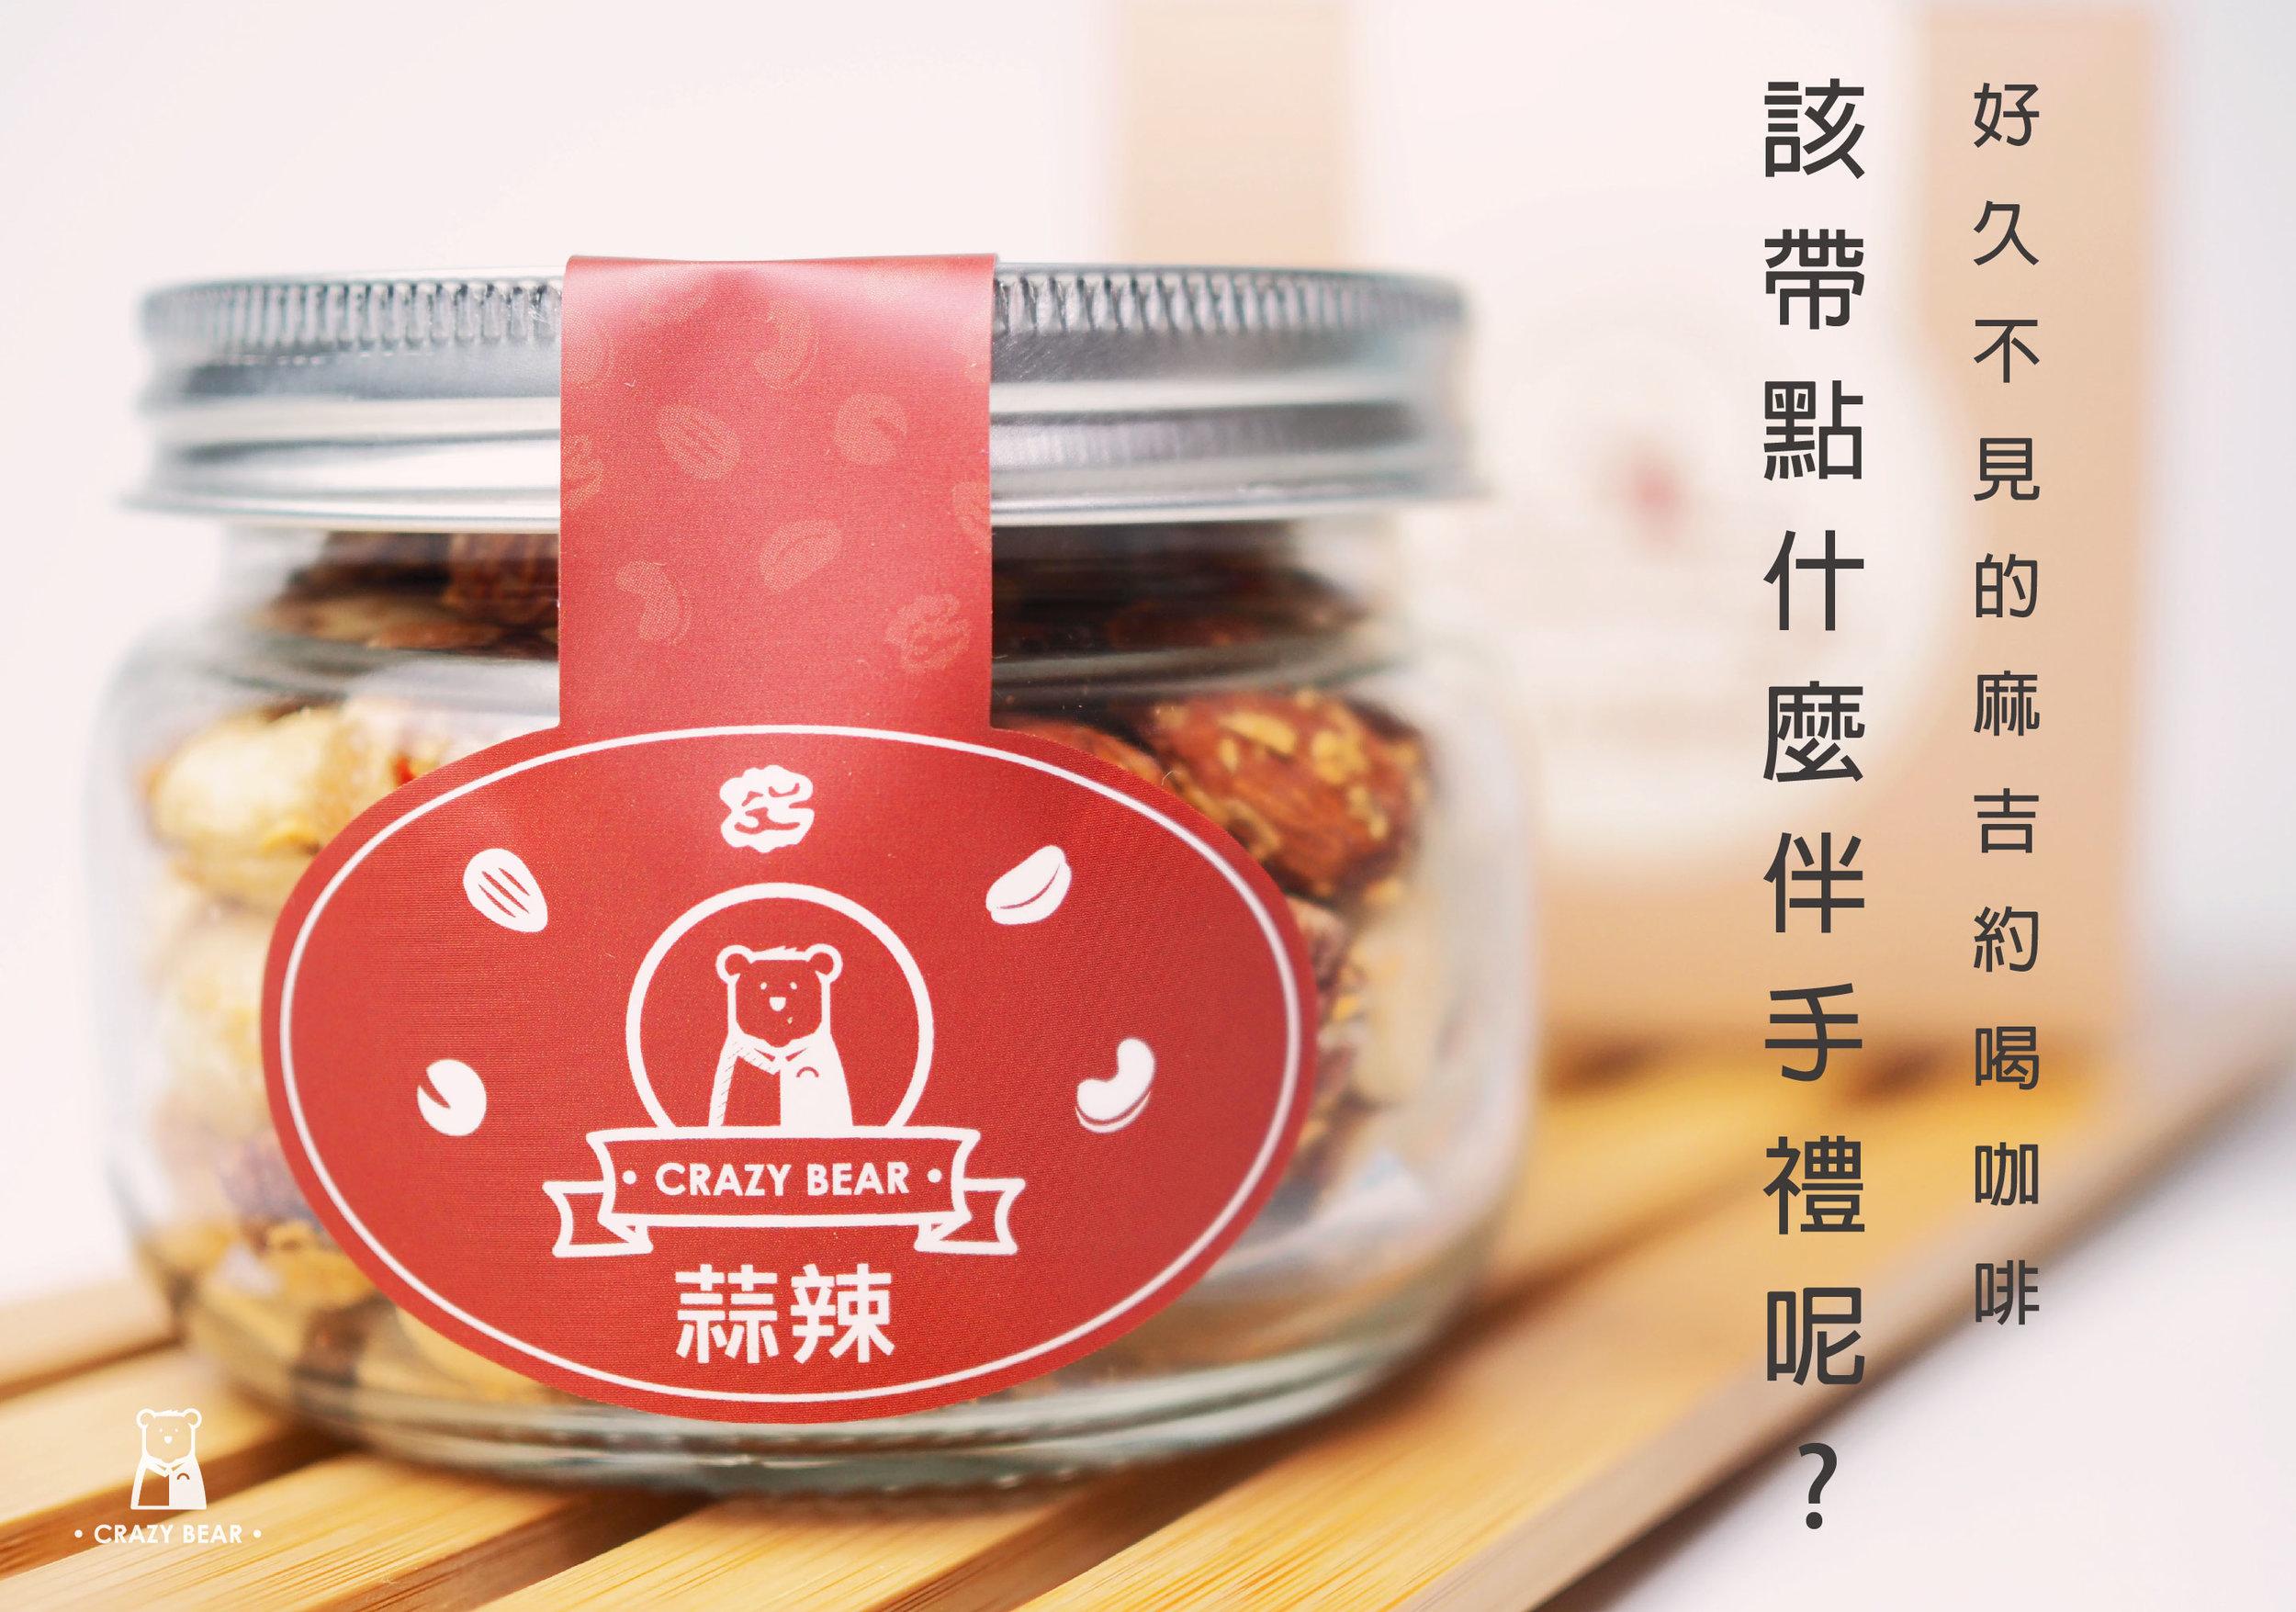 190114 瘋熊人生Crazy Bear_媒體素材 (5).jpg